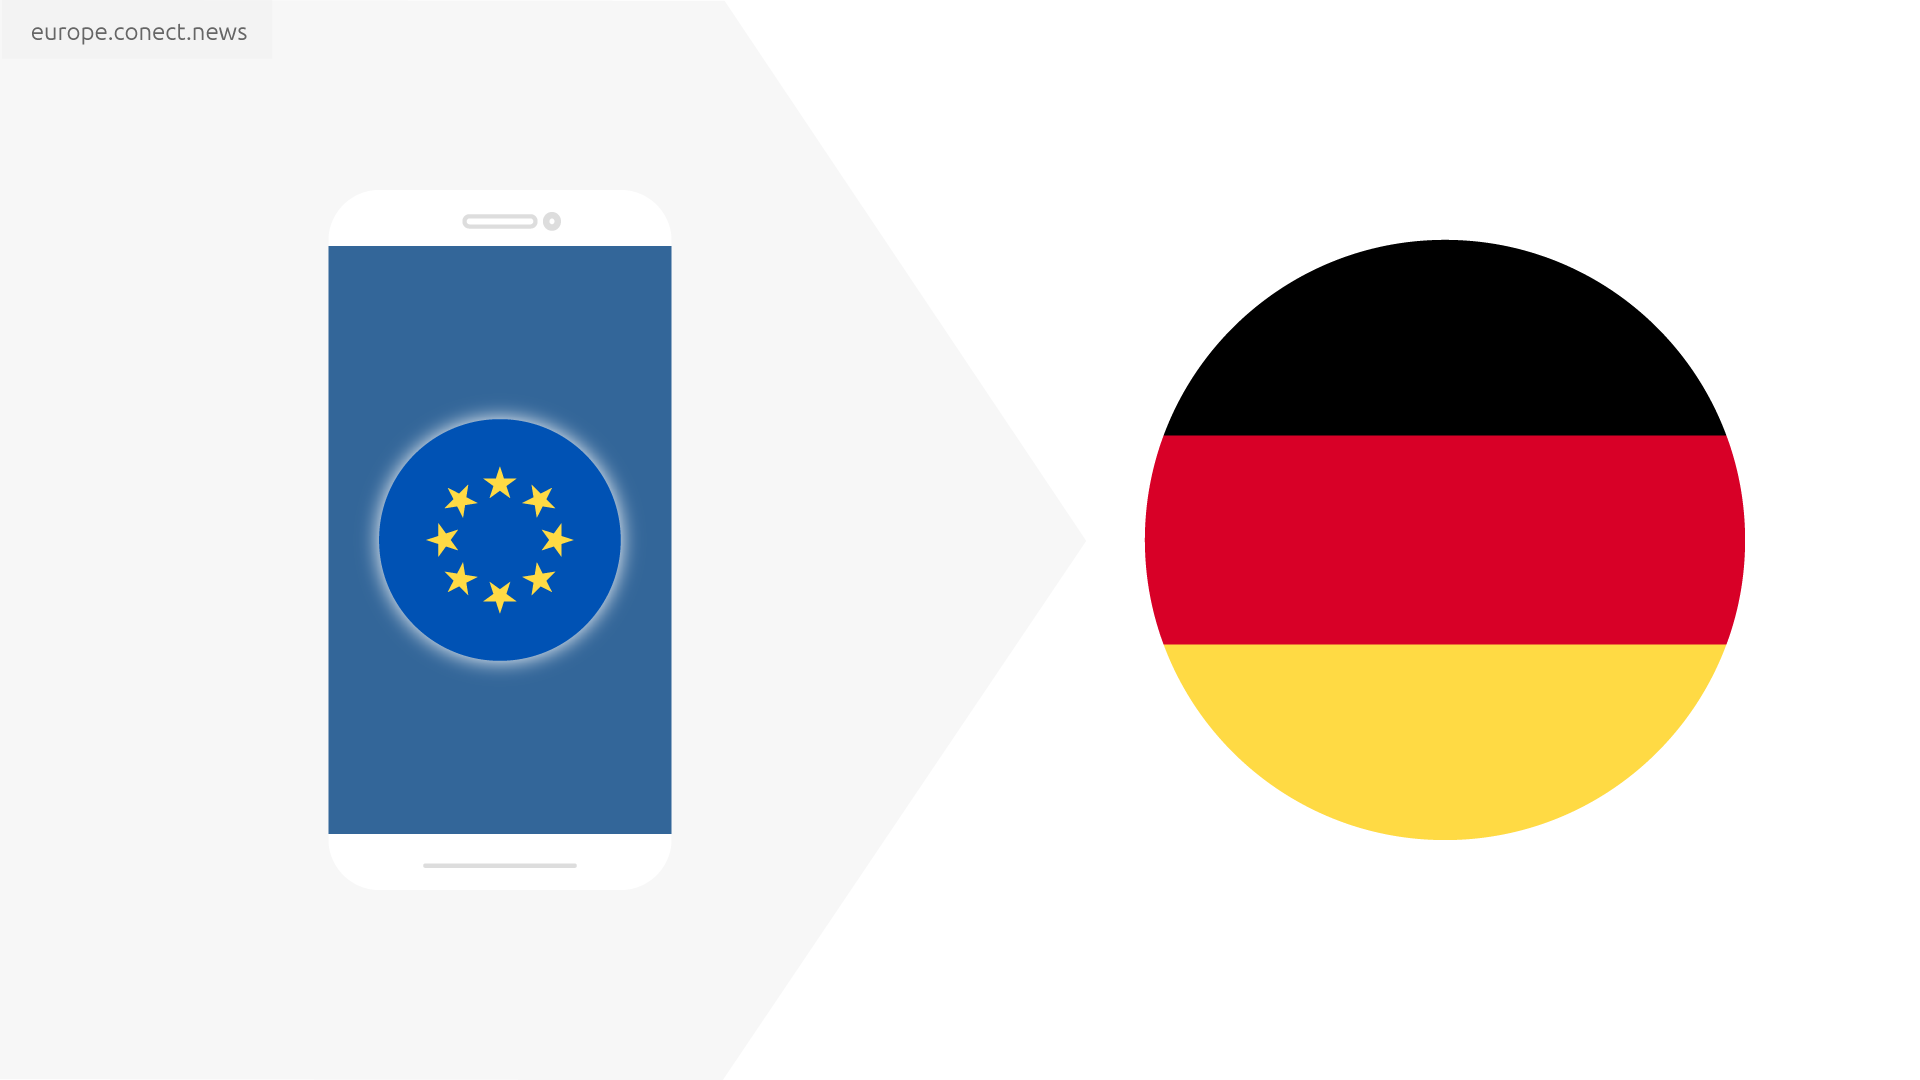 Von Europa nach Deutschland telefonieren @conect_news